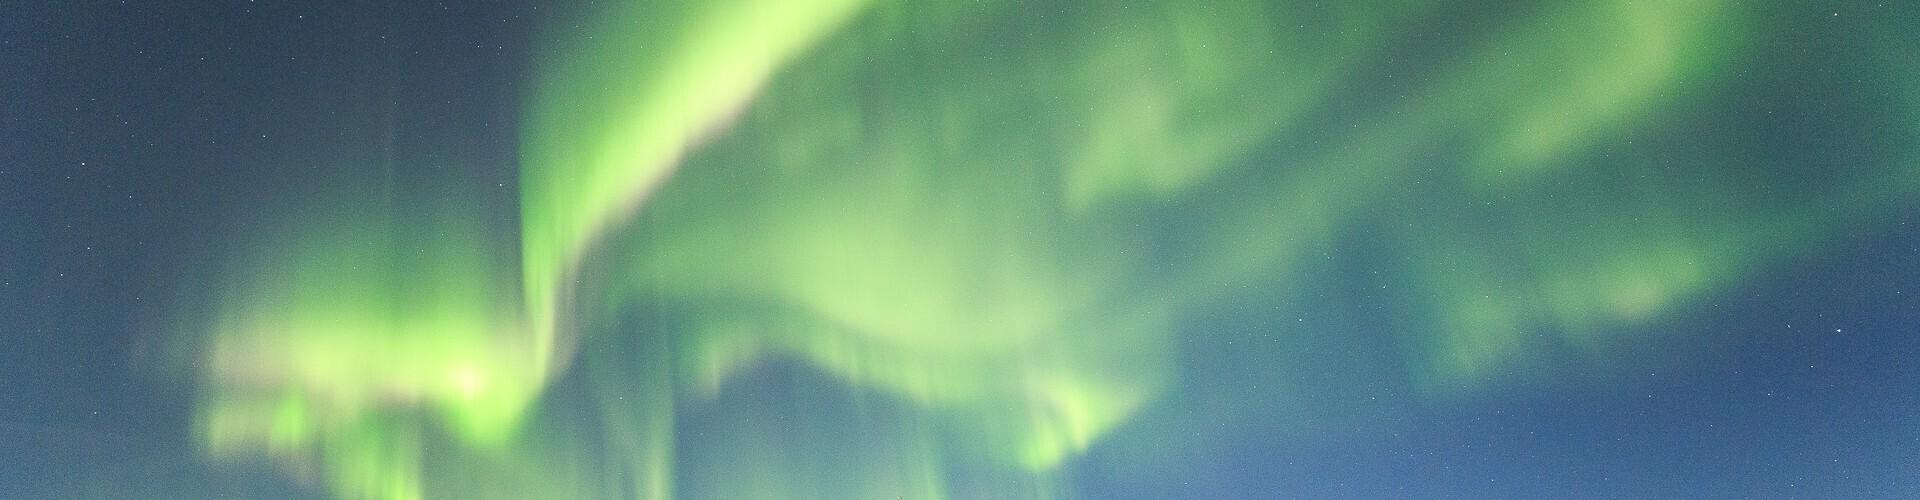 voyage photo aurores boreales vincent frances header